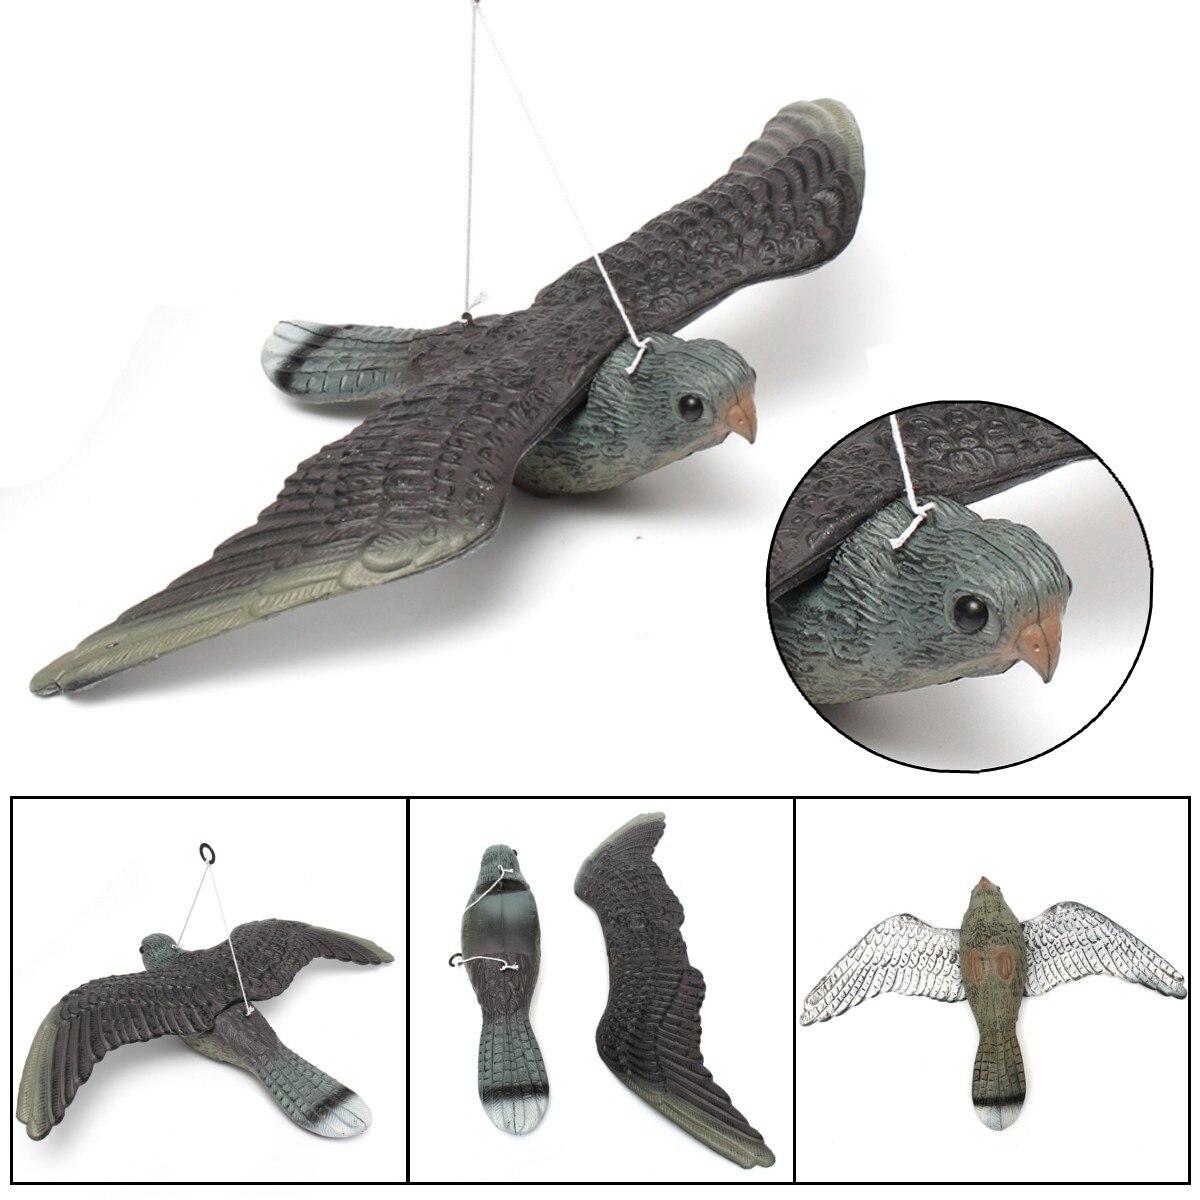 Fliegende Vogel Hawk Für Pigeon Lockvogel Gartenpflanze Scarer Schädlingsbekämpfung Jagd Schießen